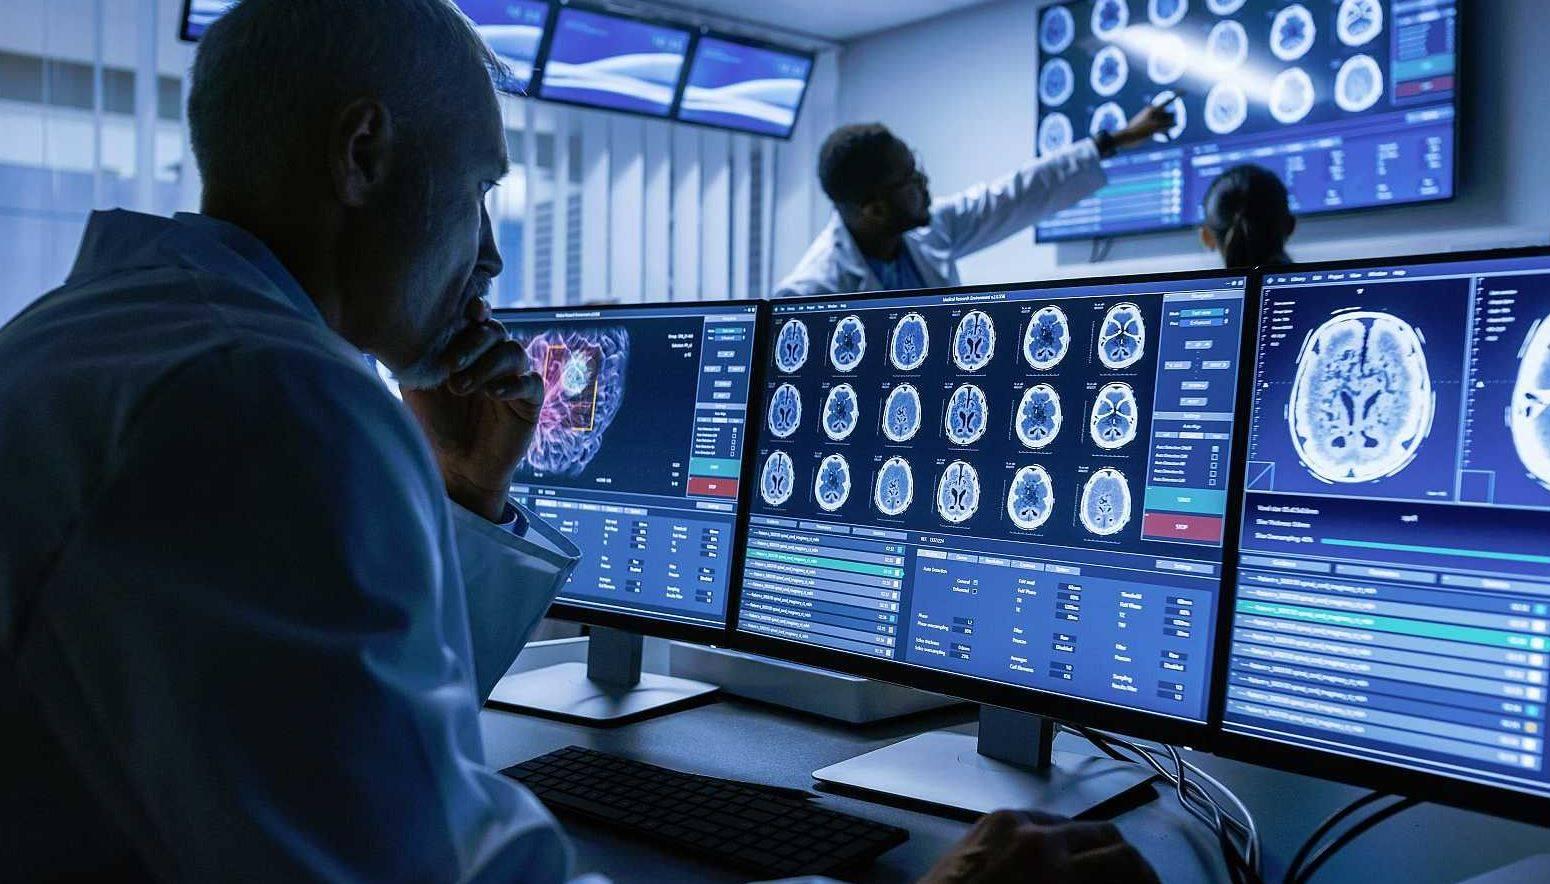 Alzhéimer puede despertar por la mala calidad del sueño